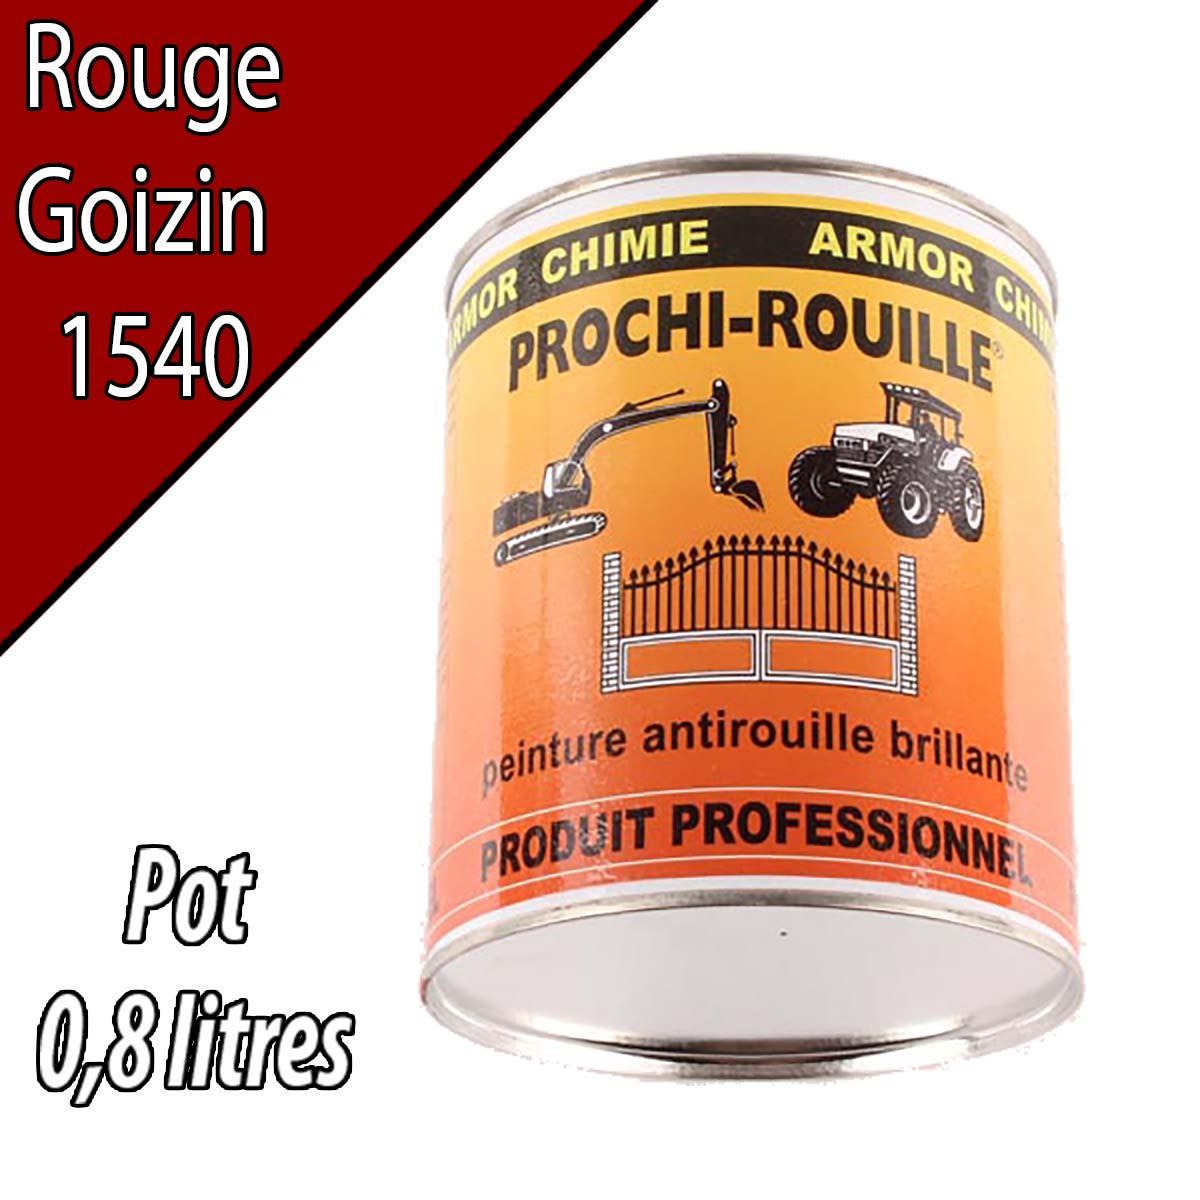 Peinture agricole PROCHI- ROUILLE brillante, rouge, 1540, GOIZIN, Pot 0,8 L